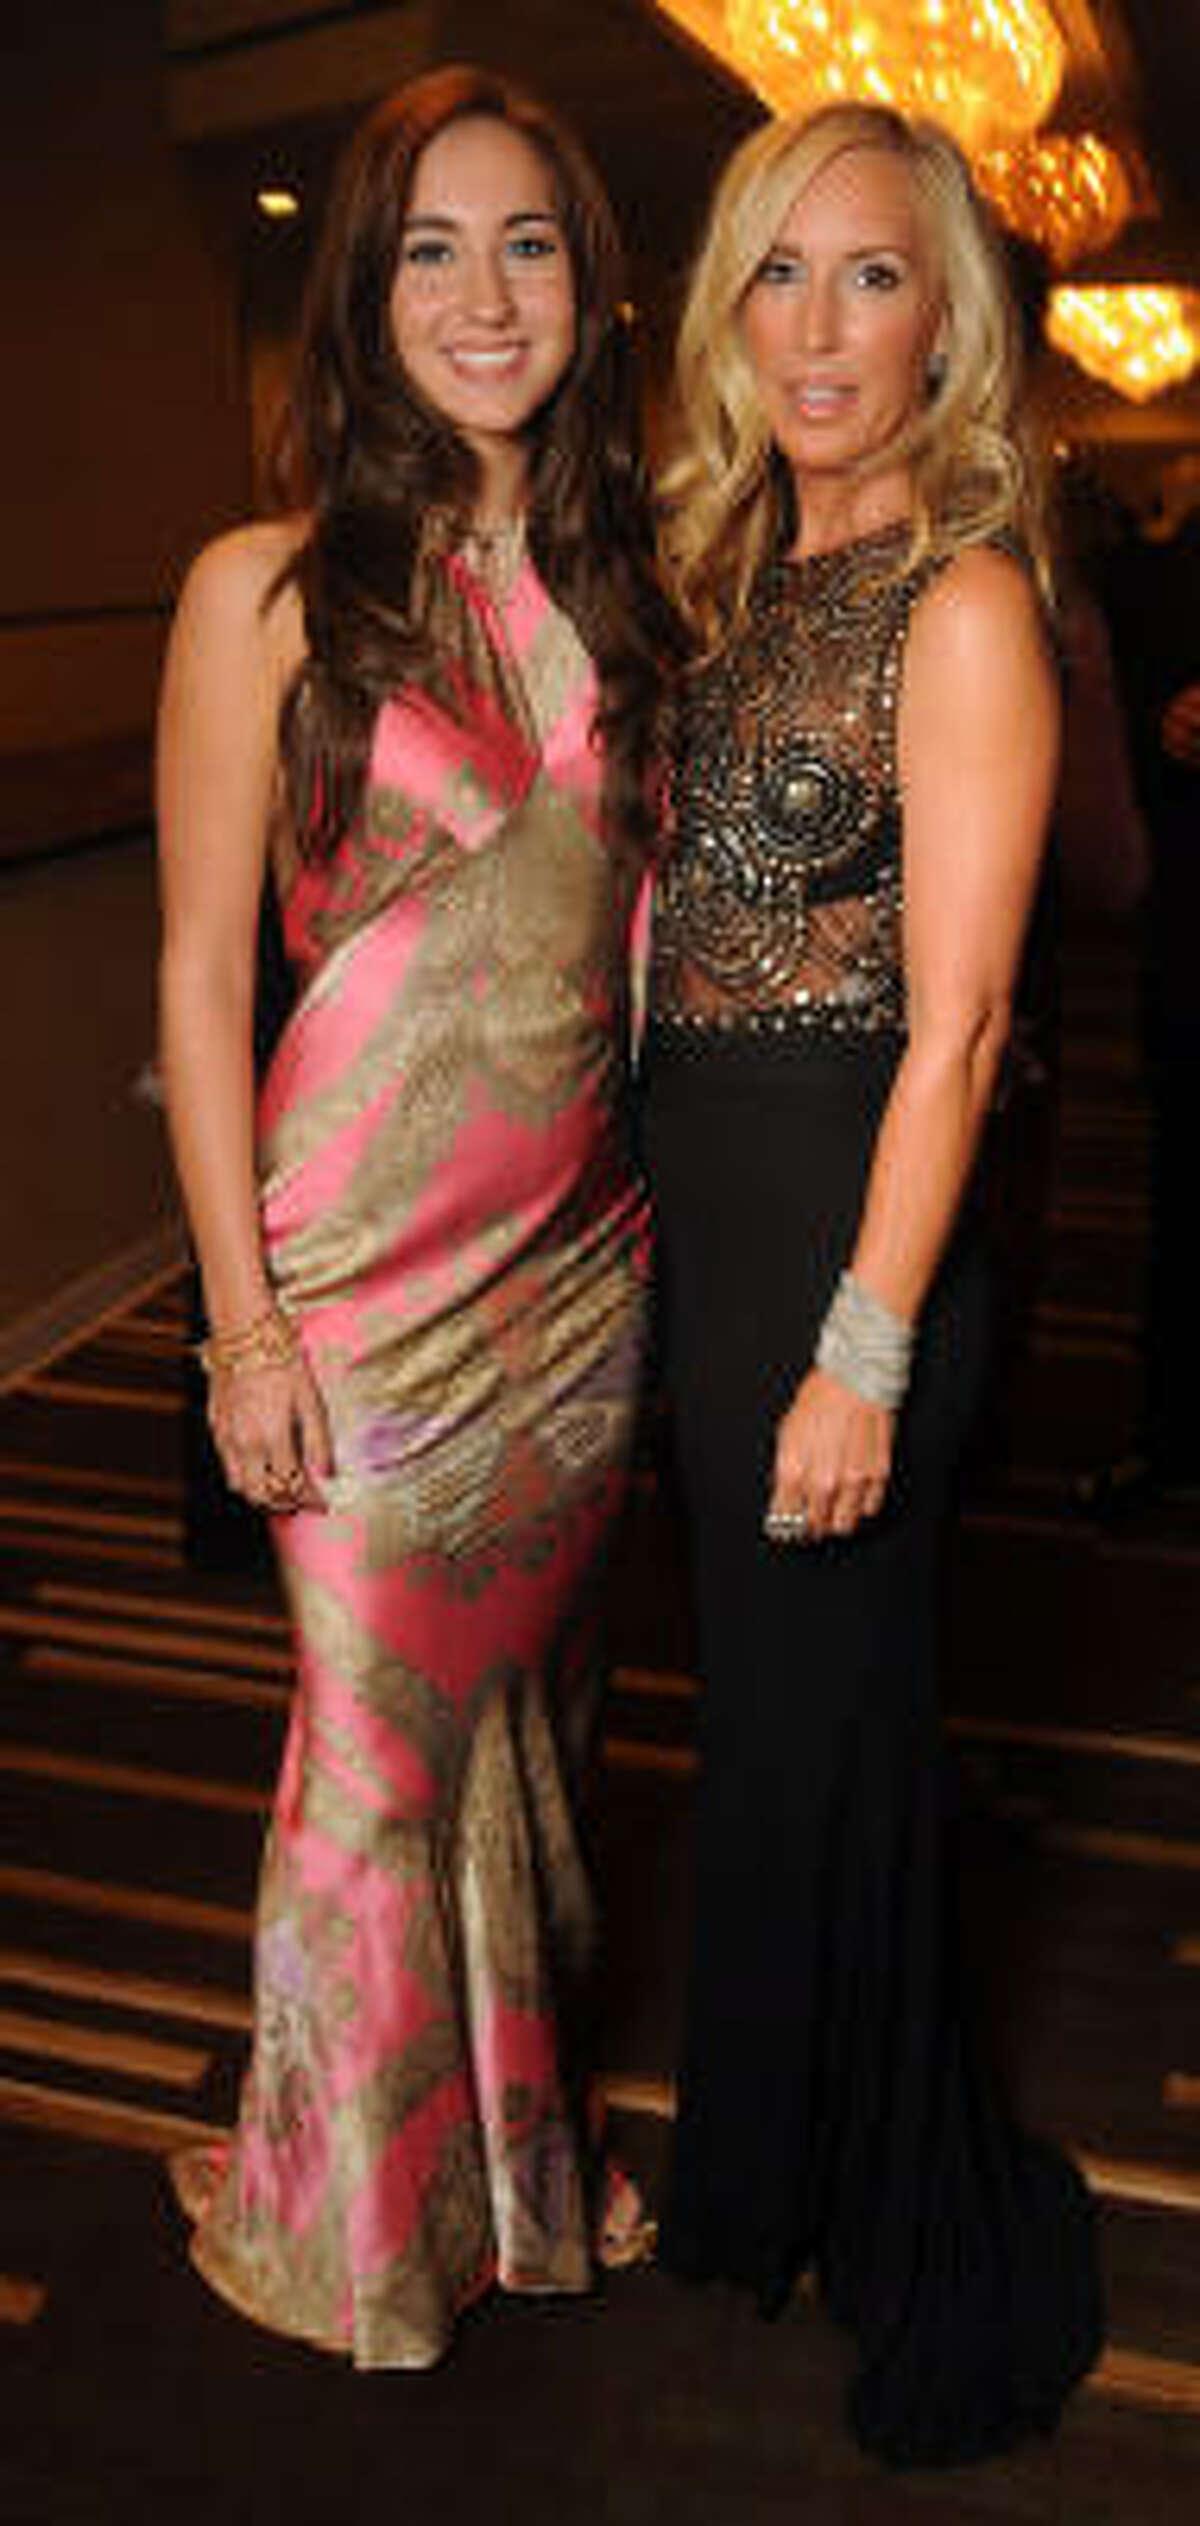 Haley and Susan Becker